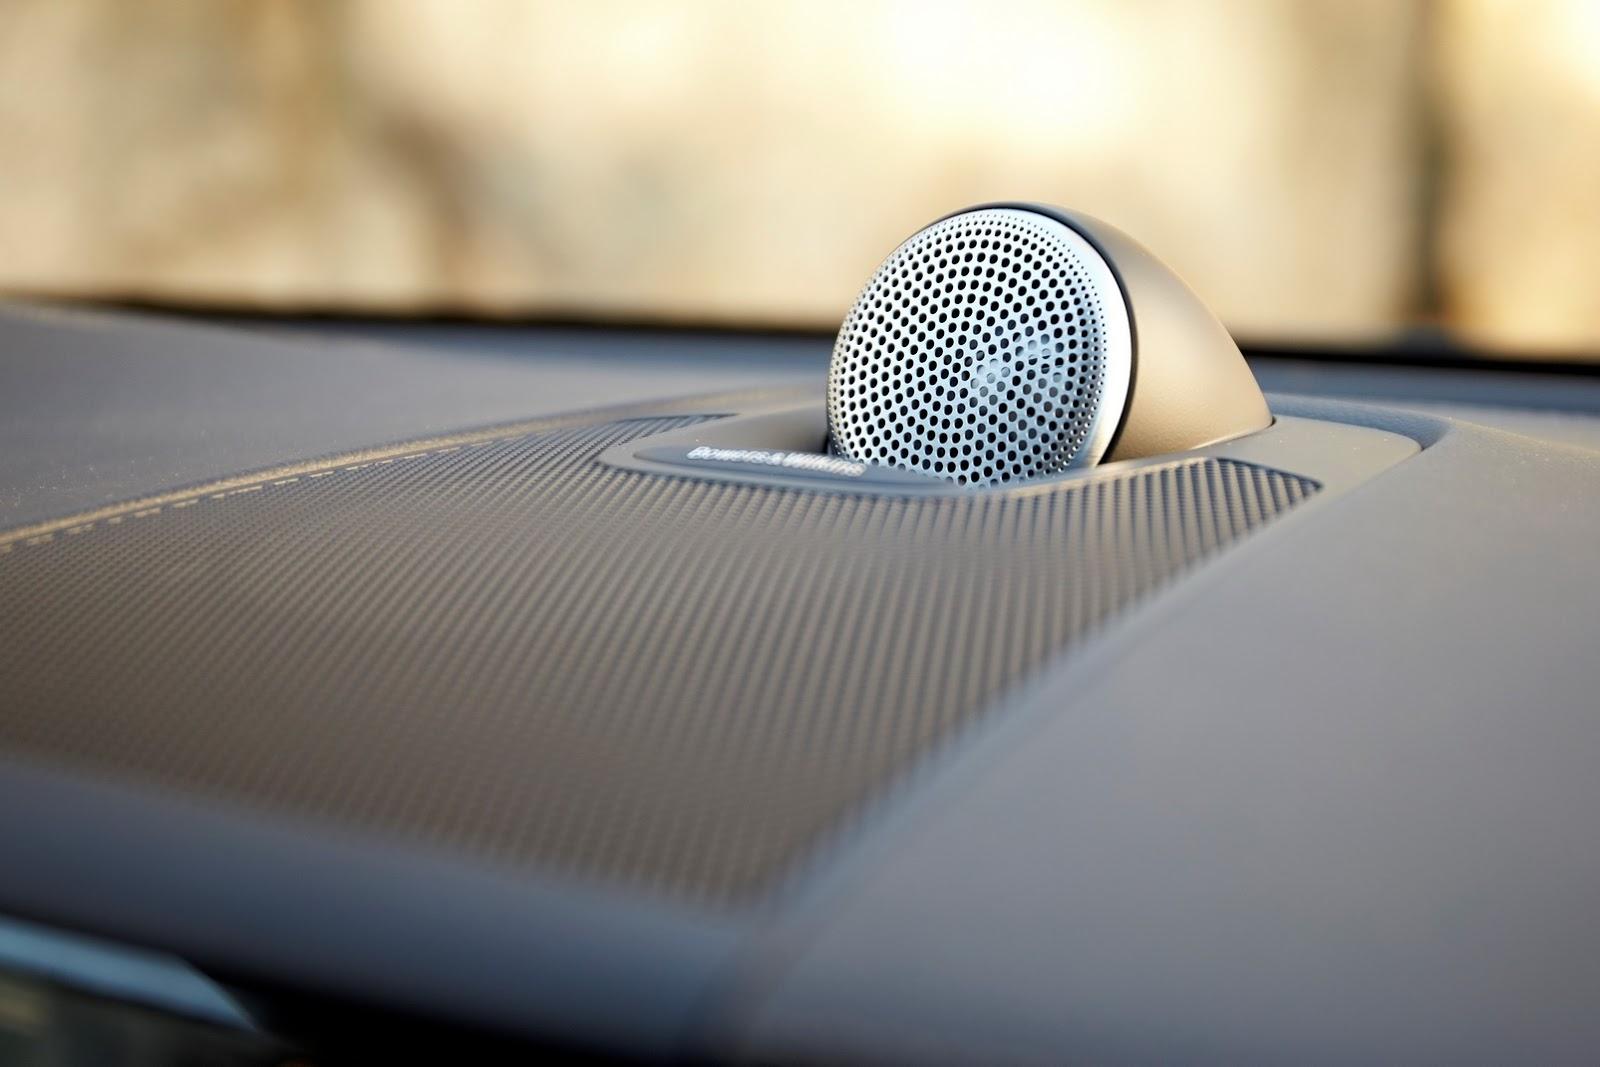 Volvo XC60 2018 (37)